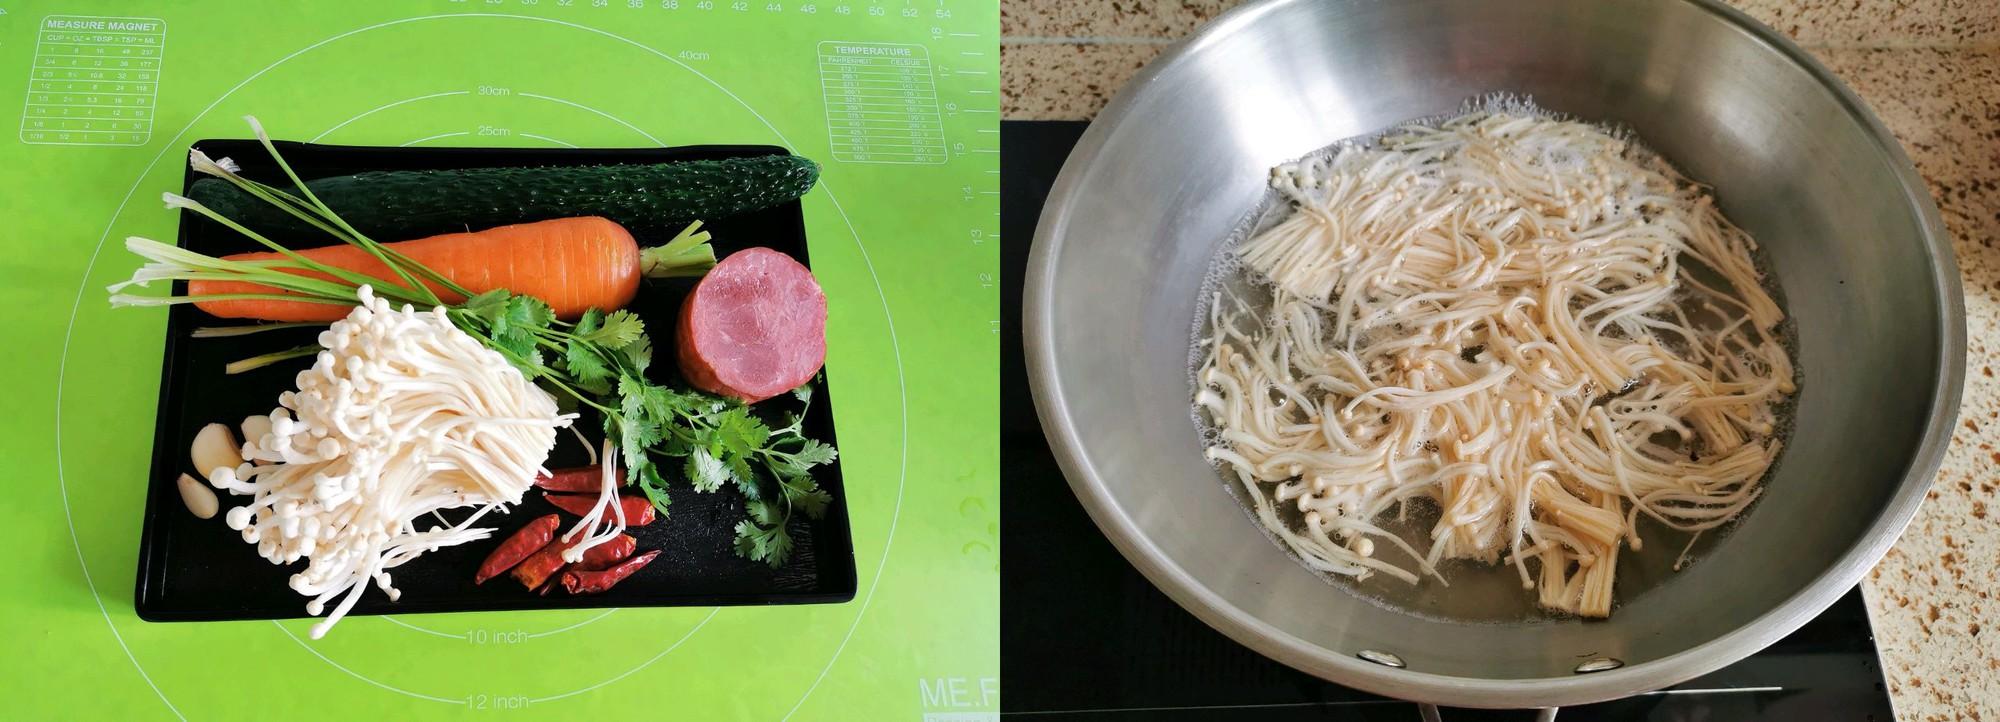 Ăn kiêng giảm cân không thể không biết đến món nấm trộn ngon xuất sắc này - Ảnh 1.